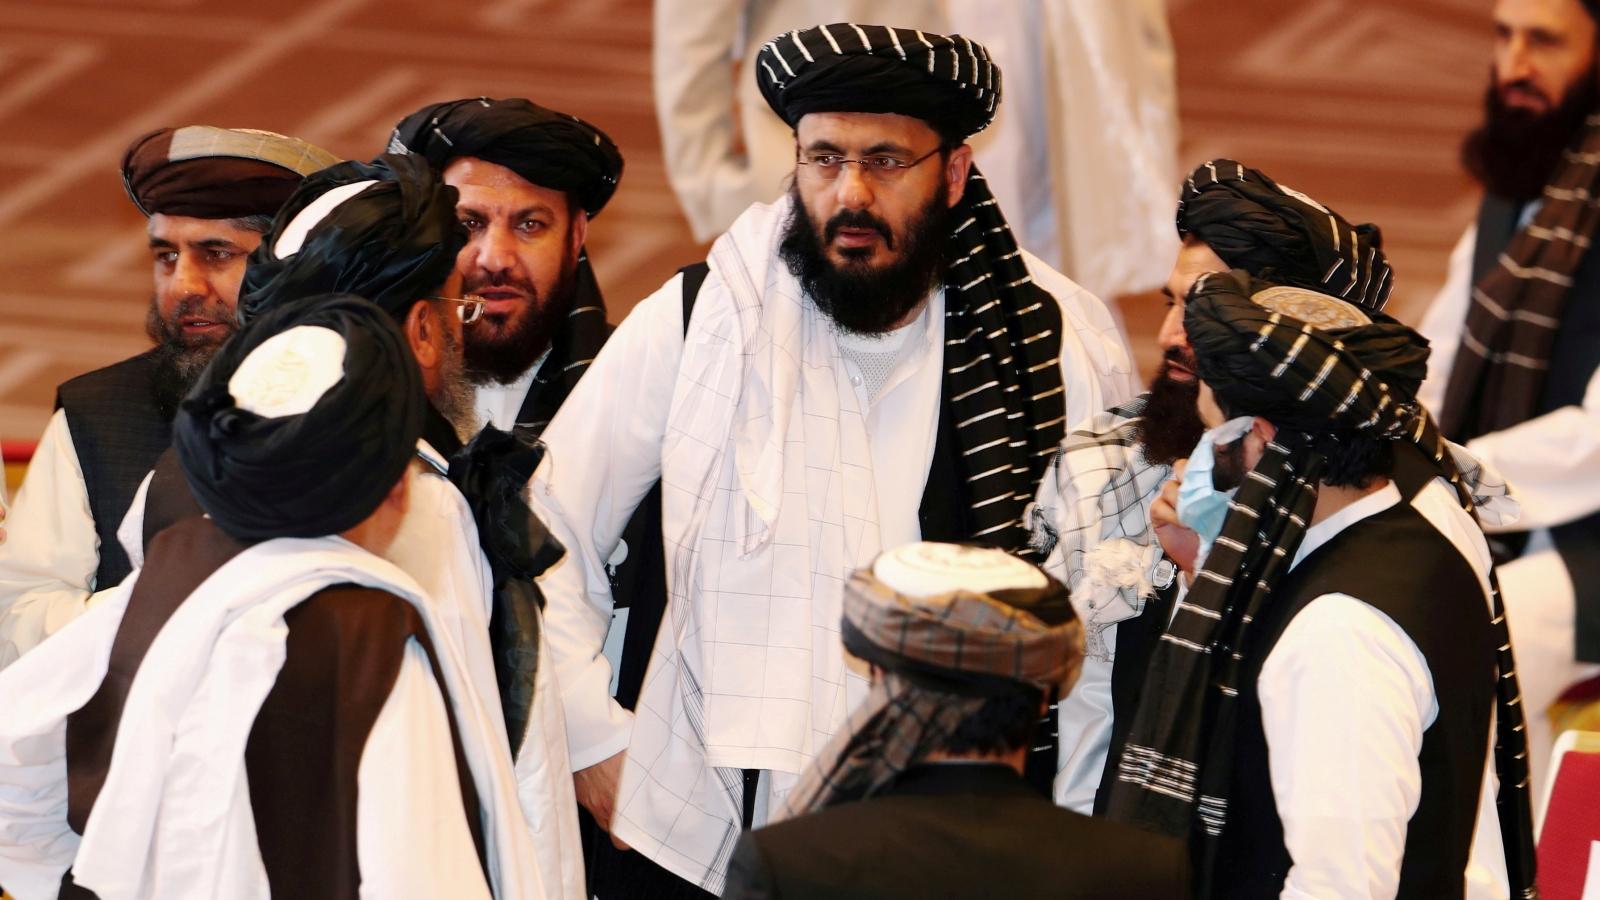 Đặc phái viên Trung Quốc, Nga và Pakistan gặp quan chức cấp cao Taliban